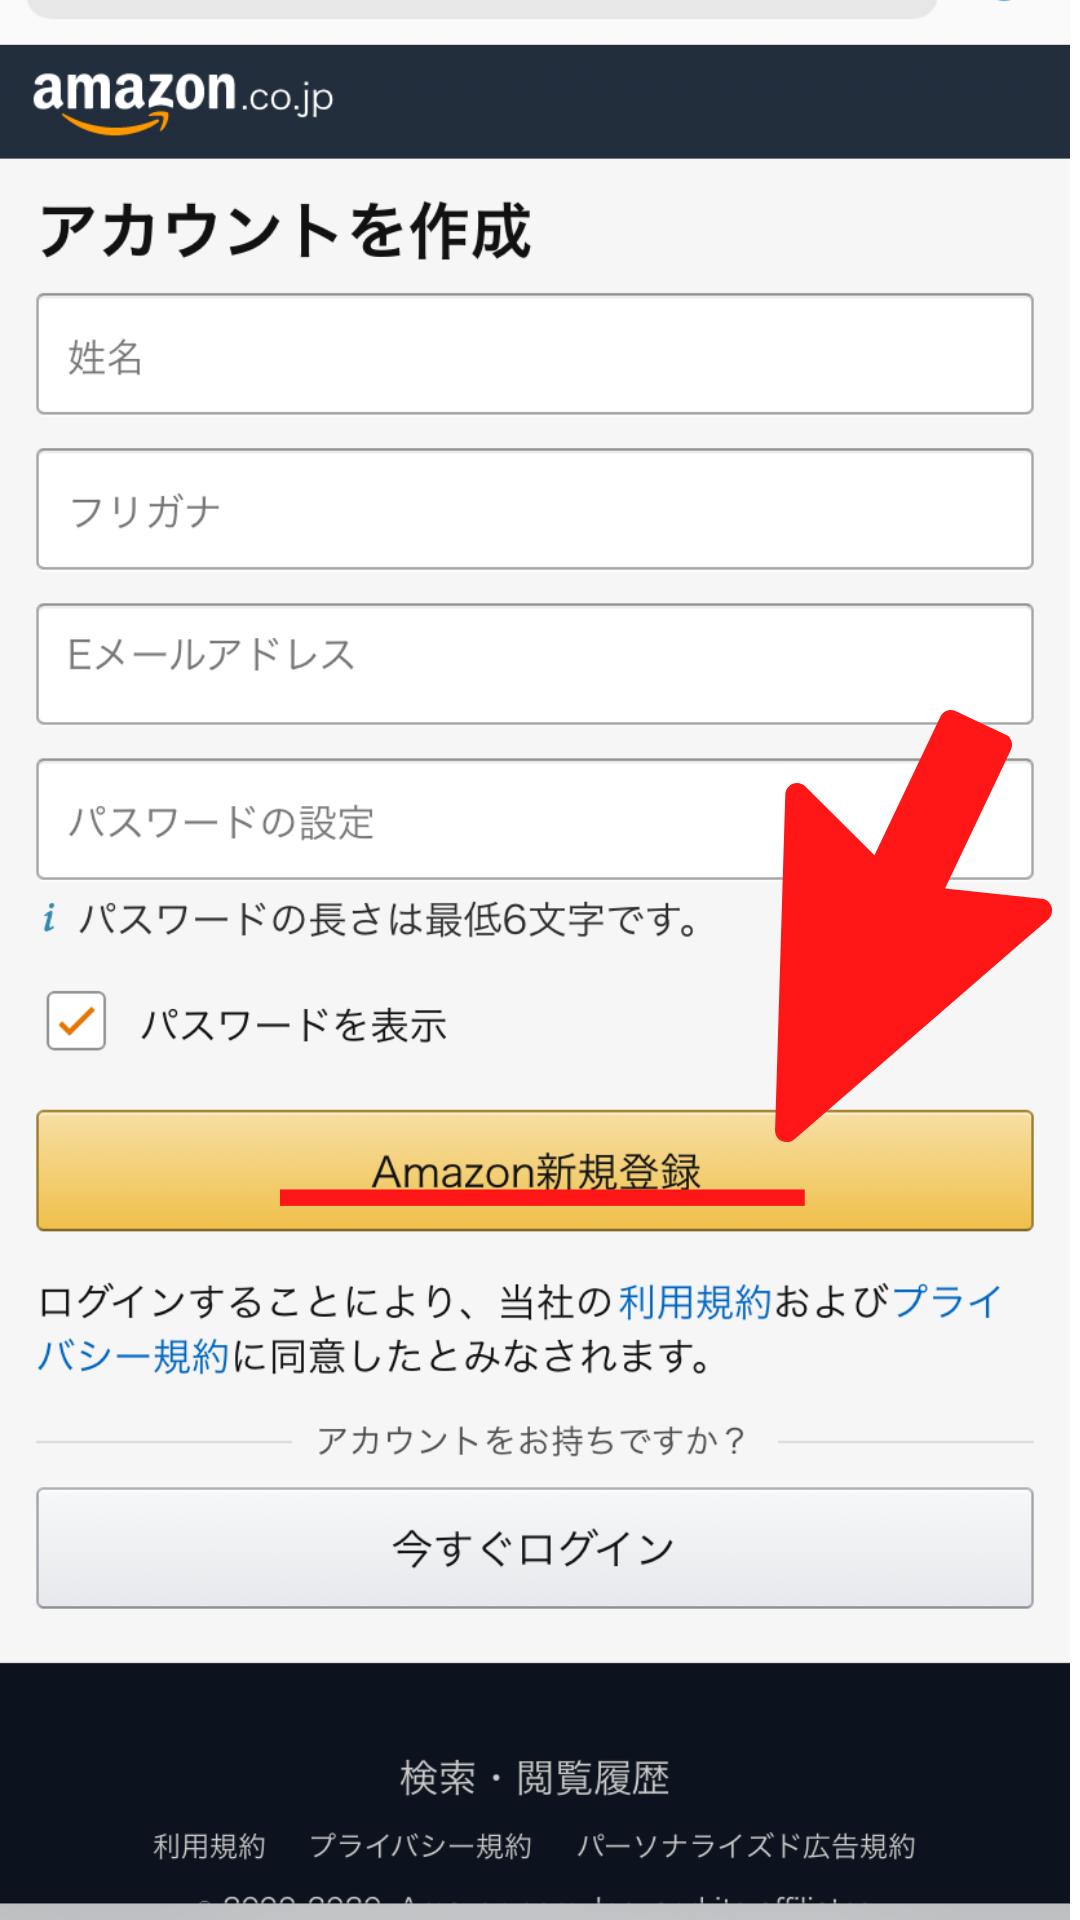 基本情報を入力して「Amazon新規作成」をタップ